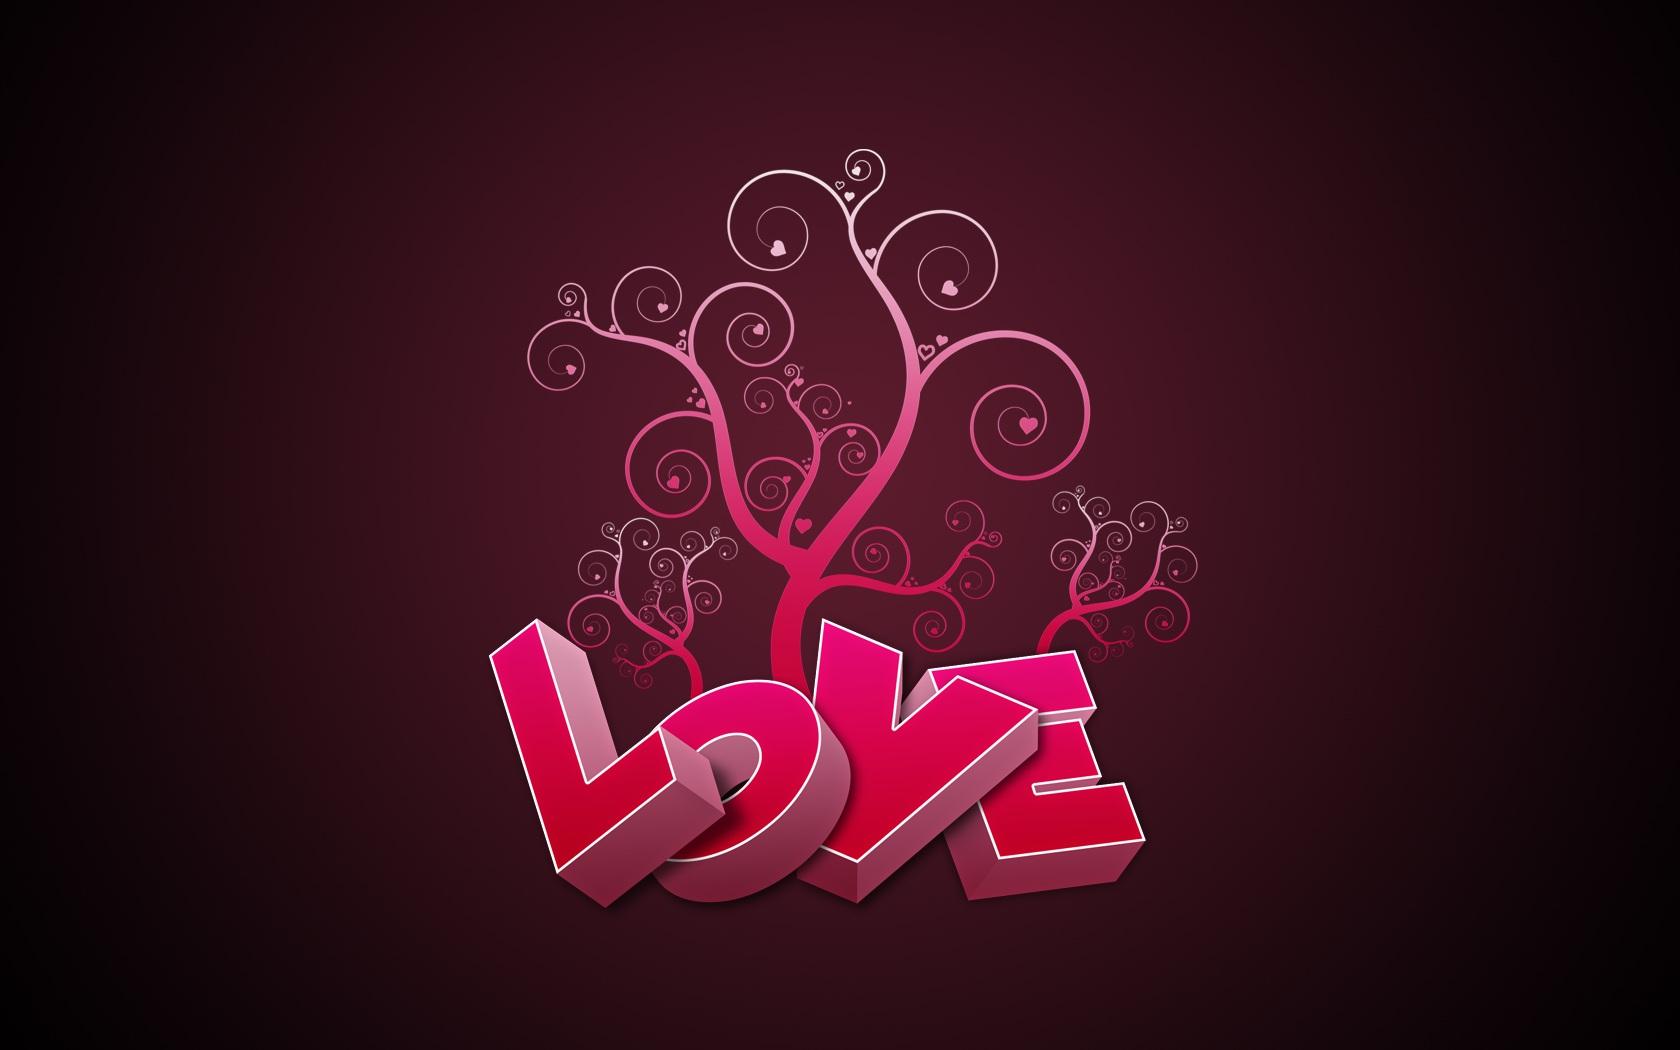 Corazones con Alas - Imagenes de Amor y Graciosas para Celular